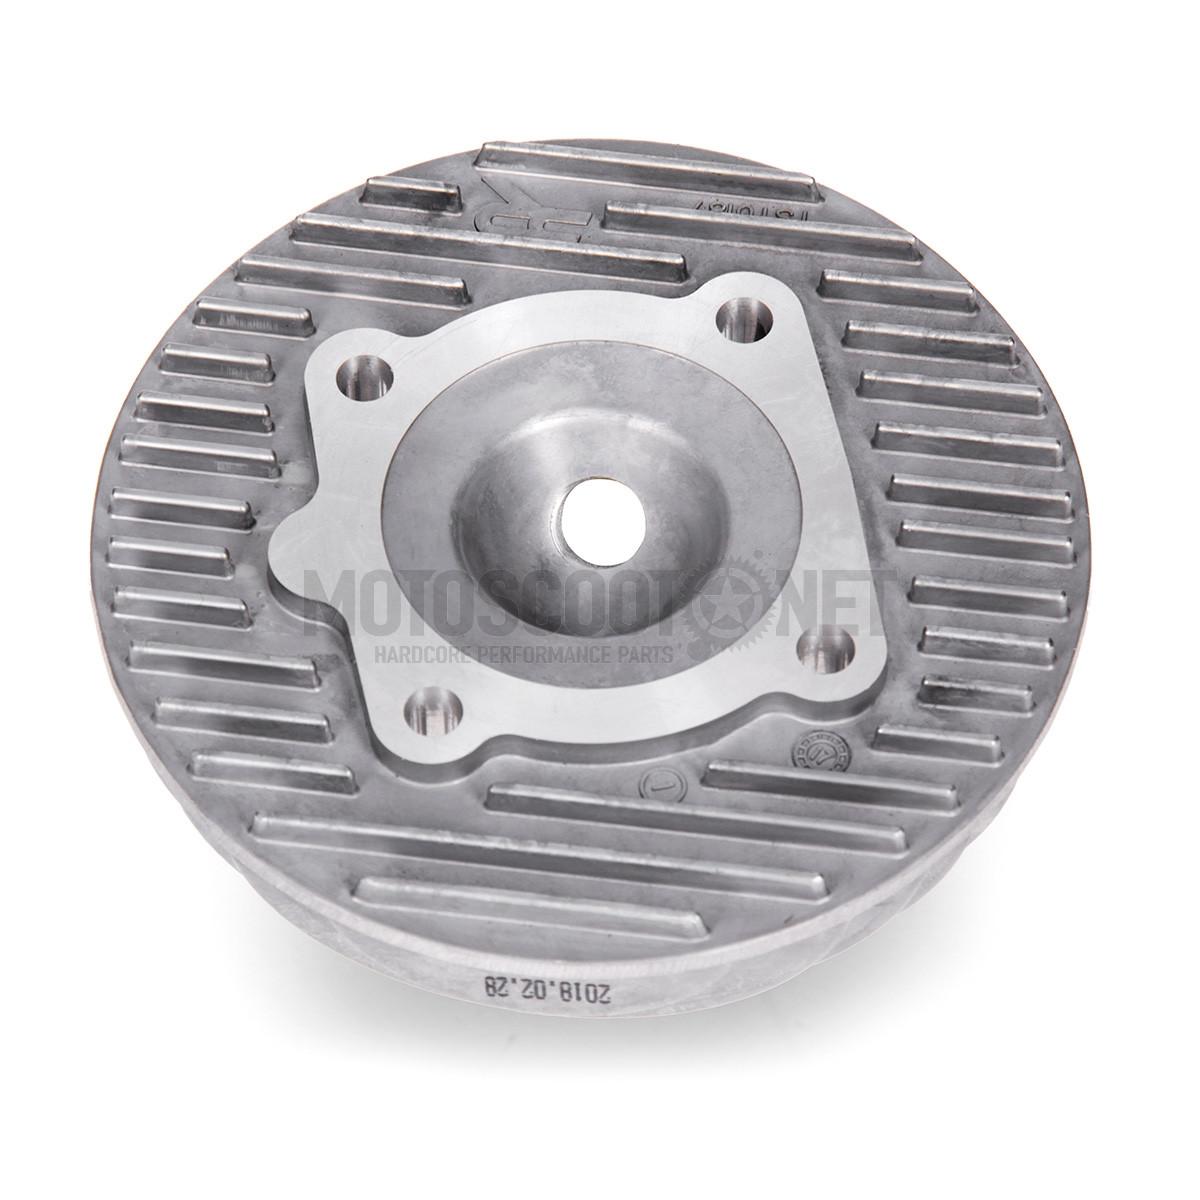 Cilindro Vespa Primavera 125cc a 130cc DR Racing Aluminio Sku:KT00135 /k/t/kt00135_05.jpg